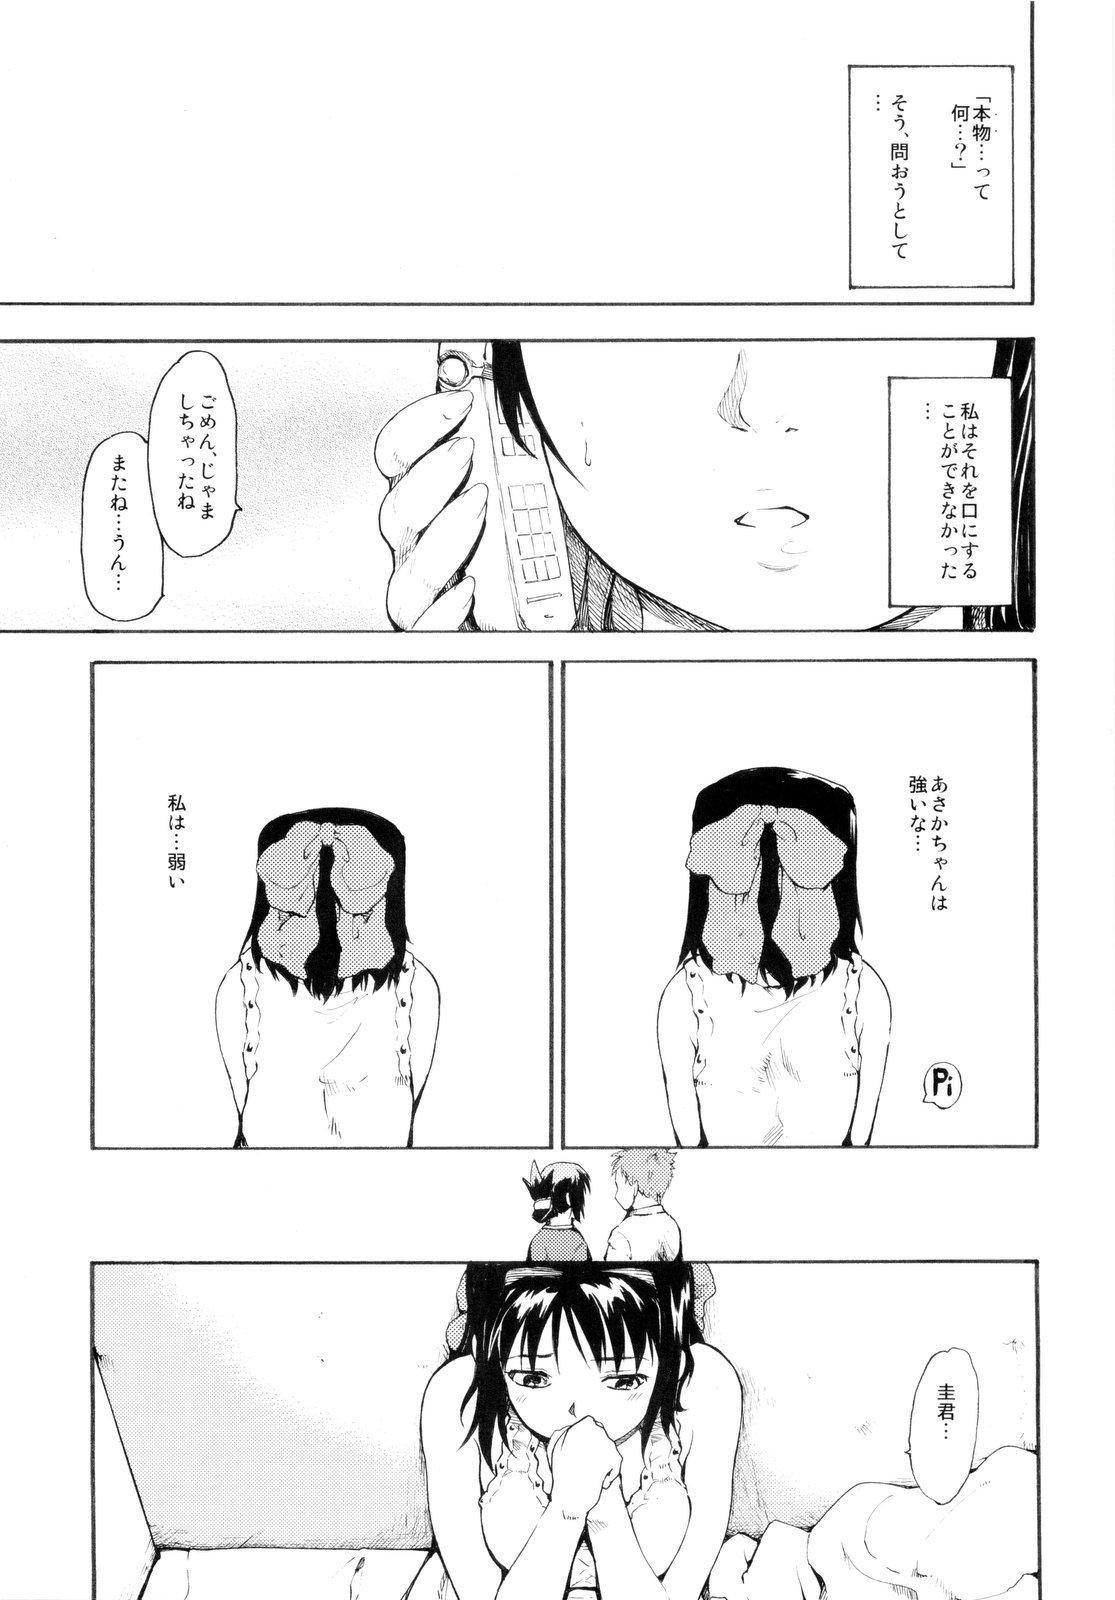 (ComiComi13) [Paranoia Cat (Fujiwara Shunichi)] Akogare no Hito -Himitsu no Isshuukan- #3 24